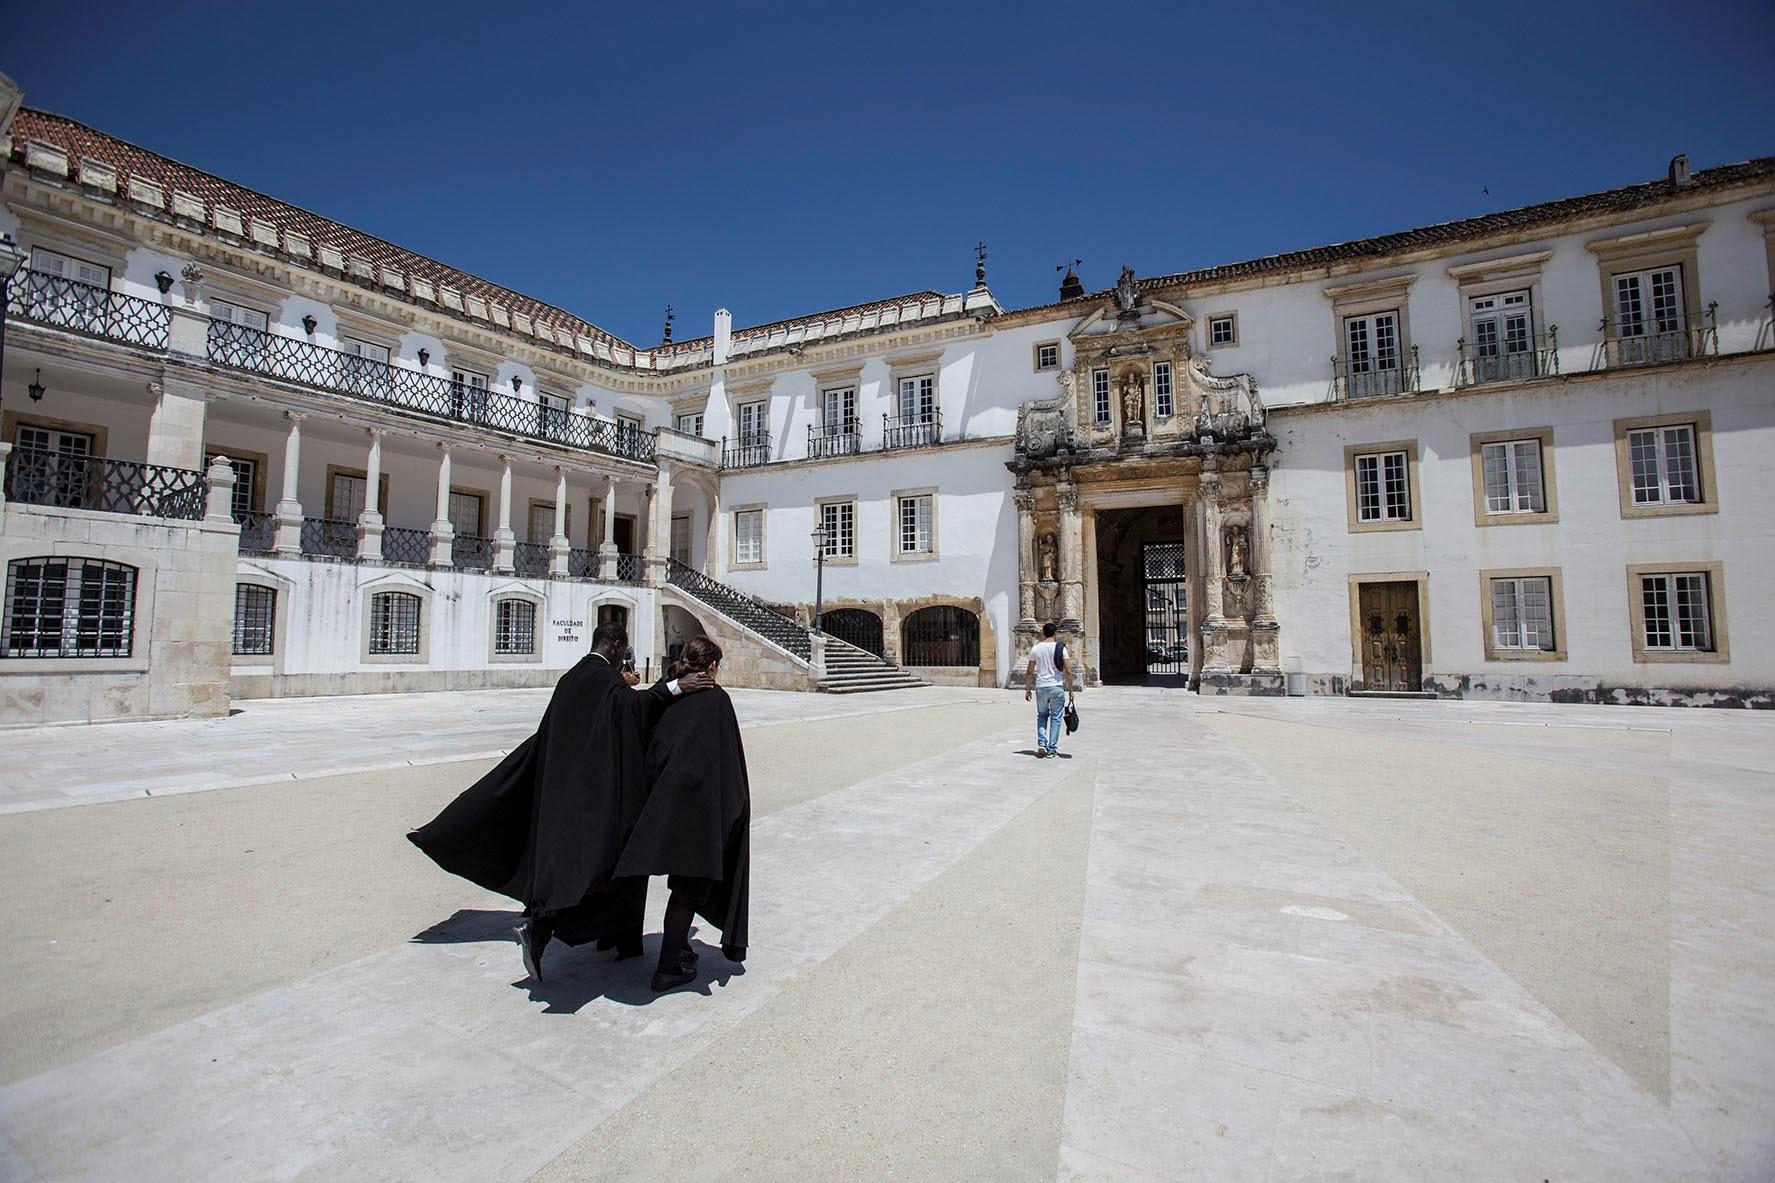 Đại học Coimbra một trong những cơ sở giáo dục đại học lớn nhất Bồ Đào Nha